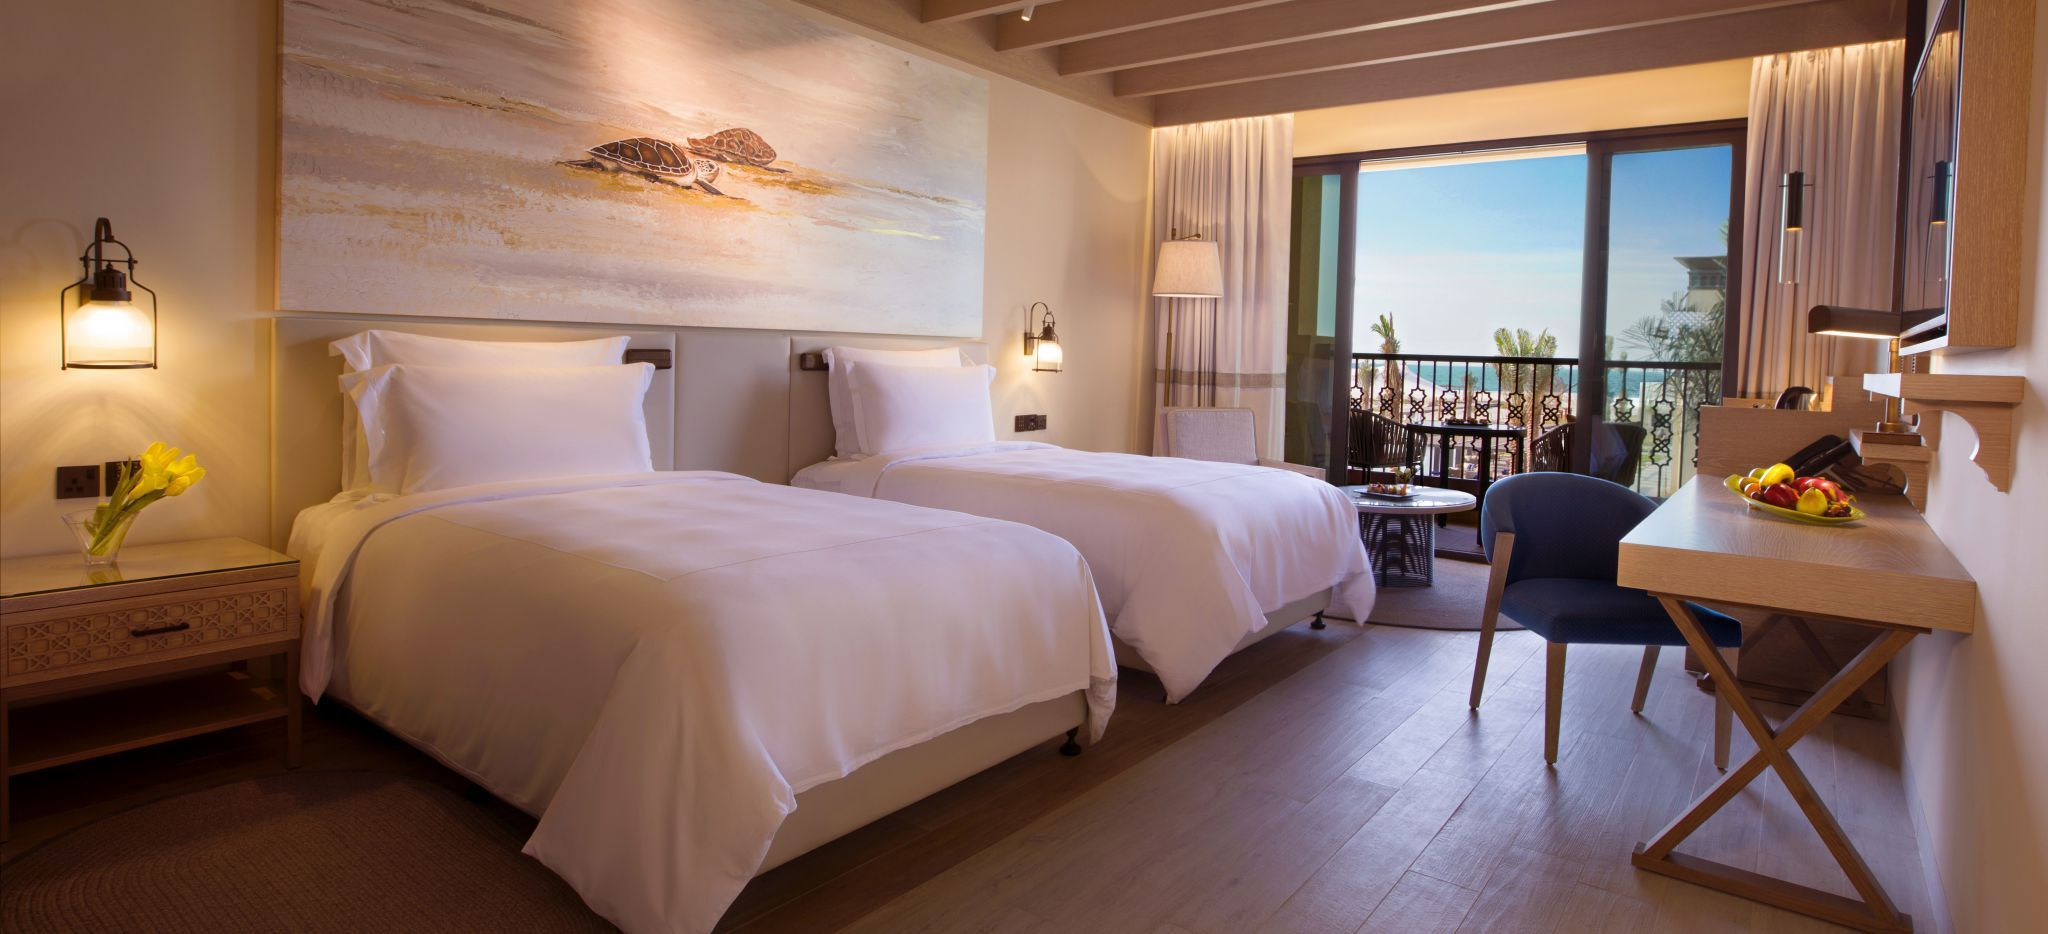 Schlafzimmer des Saadiyat Rotana Hotel, mit Twin Beds. Blick aus dem Hotelzimmer. Luxuriöse Einrichtung.